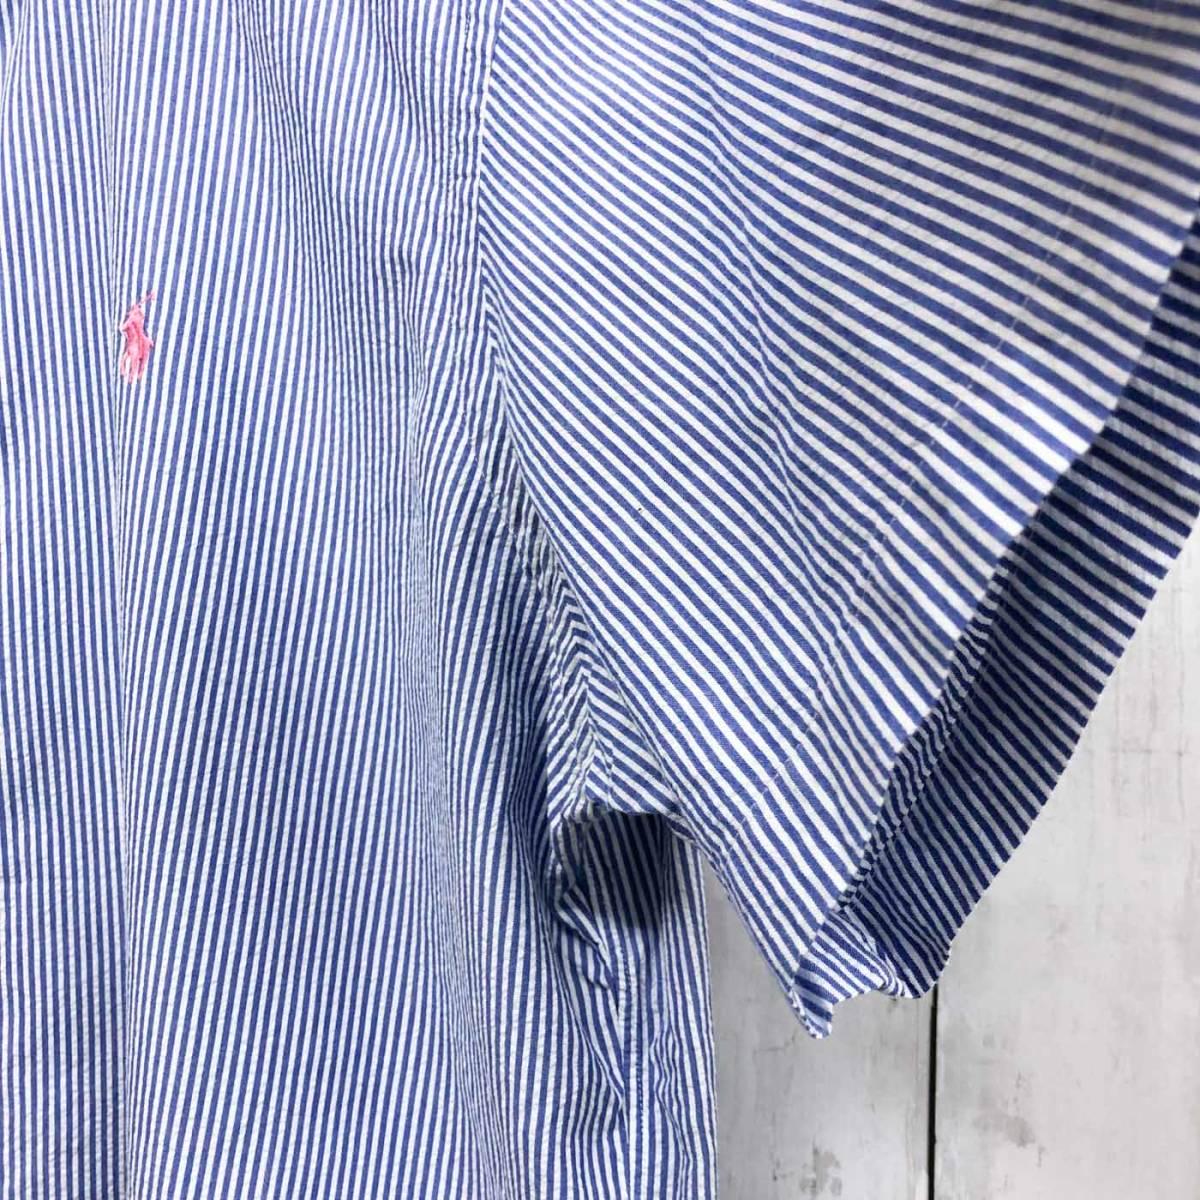 ラルフローレン POLO Ralph Lauren Polo 半袖シャツ メンズ ワンポイント XLサイズ 7-158_画像7